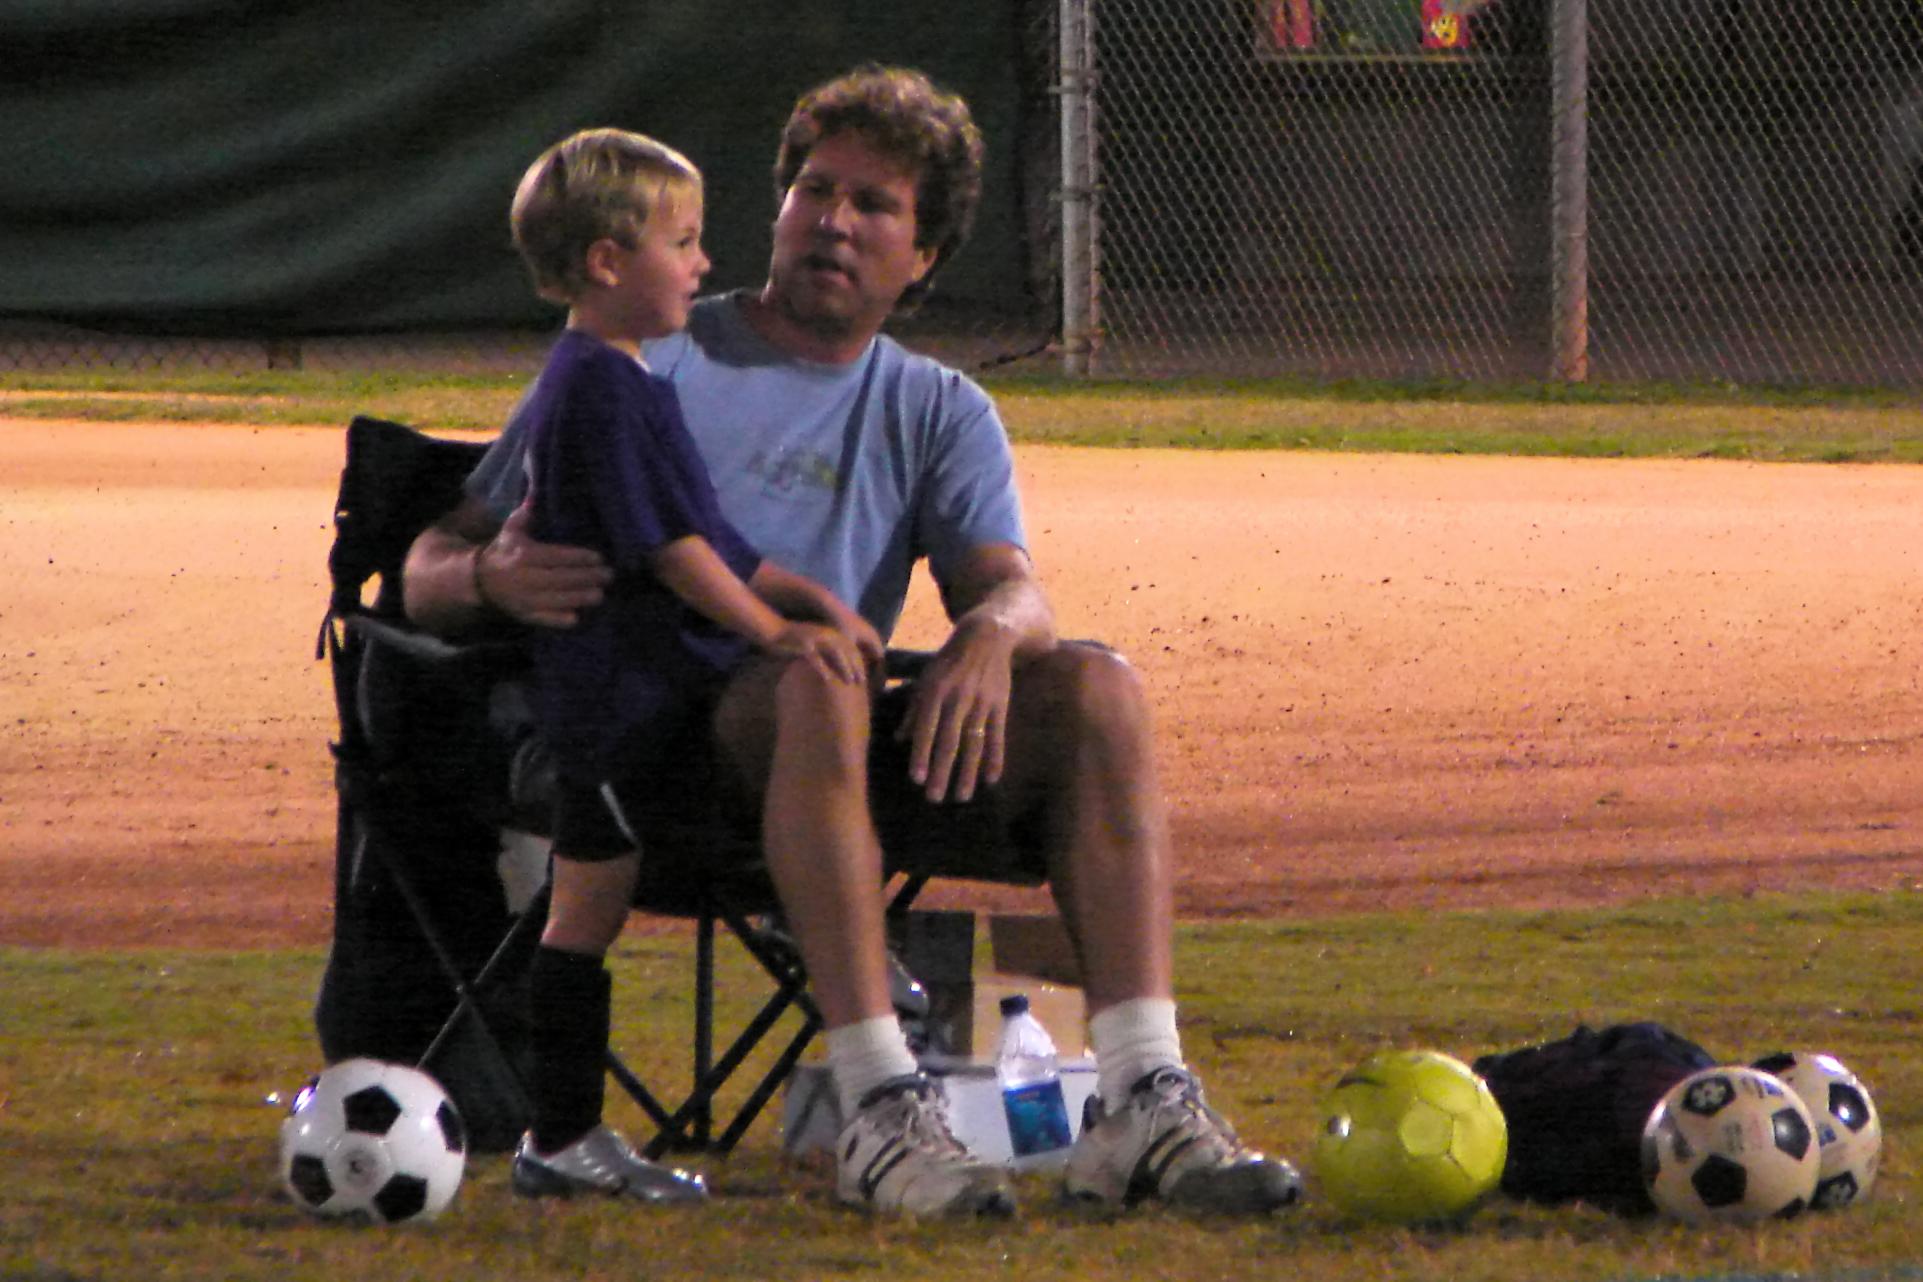 Daddy weiss, wies geht: Vater und Sohn am Spielfeldrand. Foto: popofatticus (Flickr)